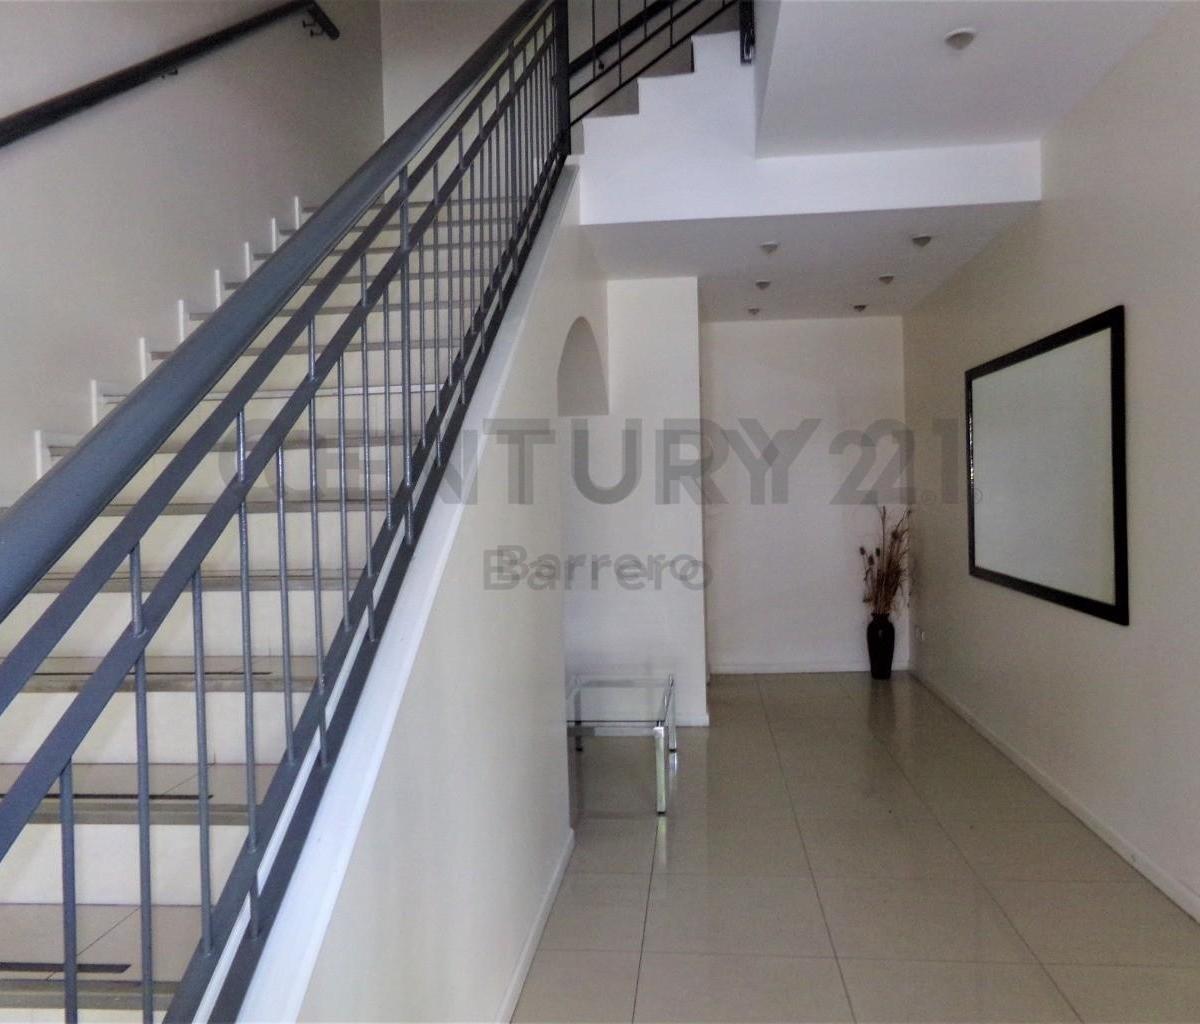 luminoso y moderno monoambiente con amplio balcon en piso 4 contrafrente